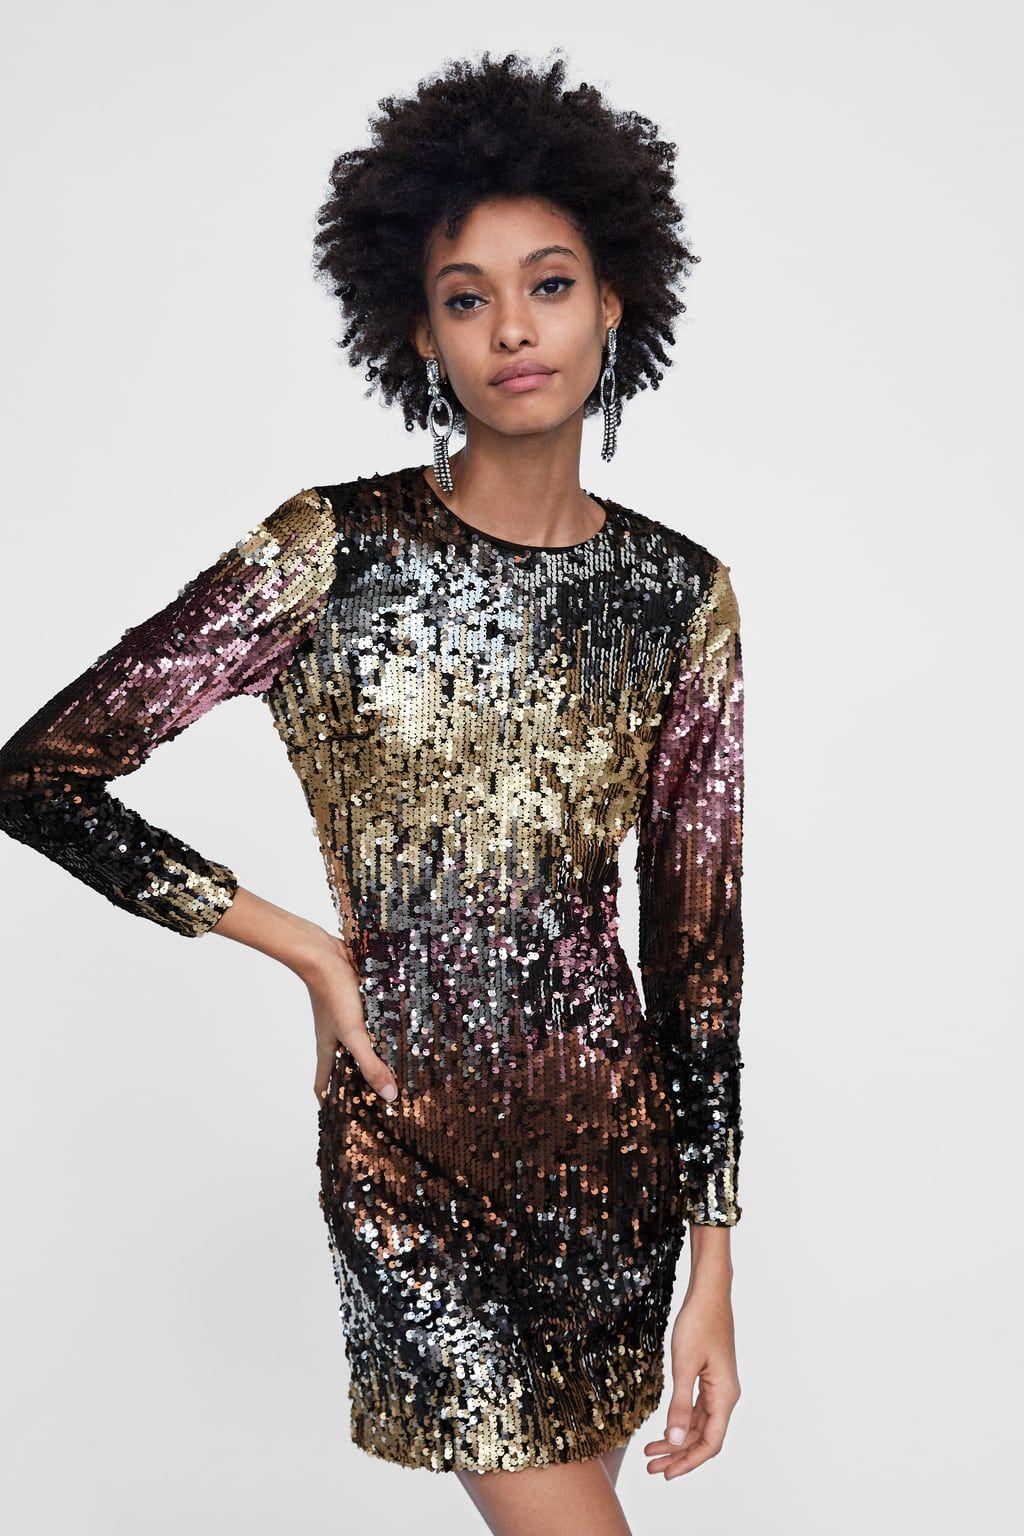 Abiti Eleganti Zara Online.Immagine 2 Di Abito Paillettes Di Zara Vestito Con Paillettes